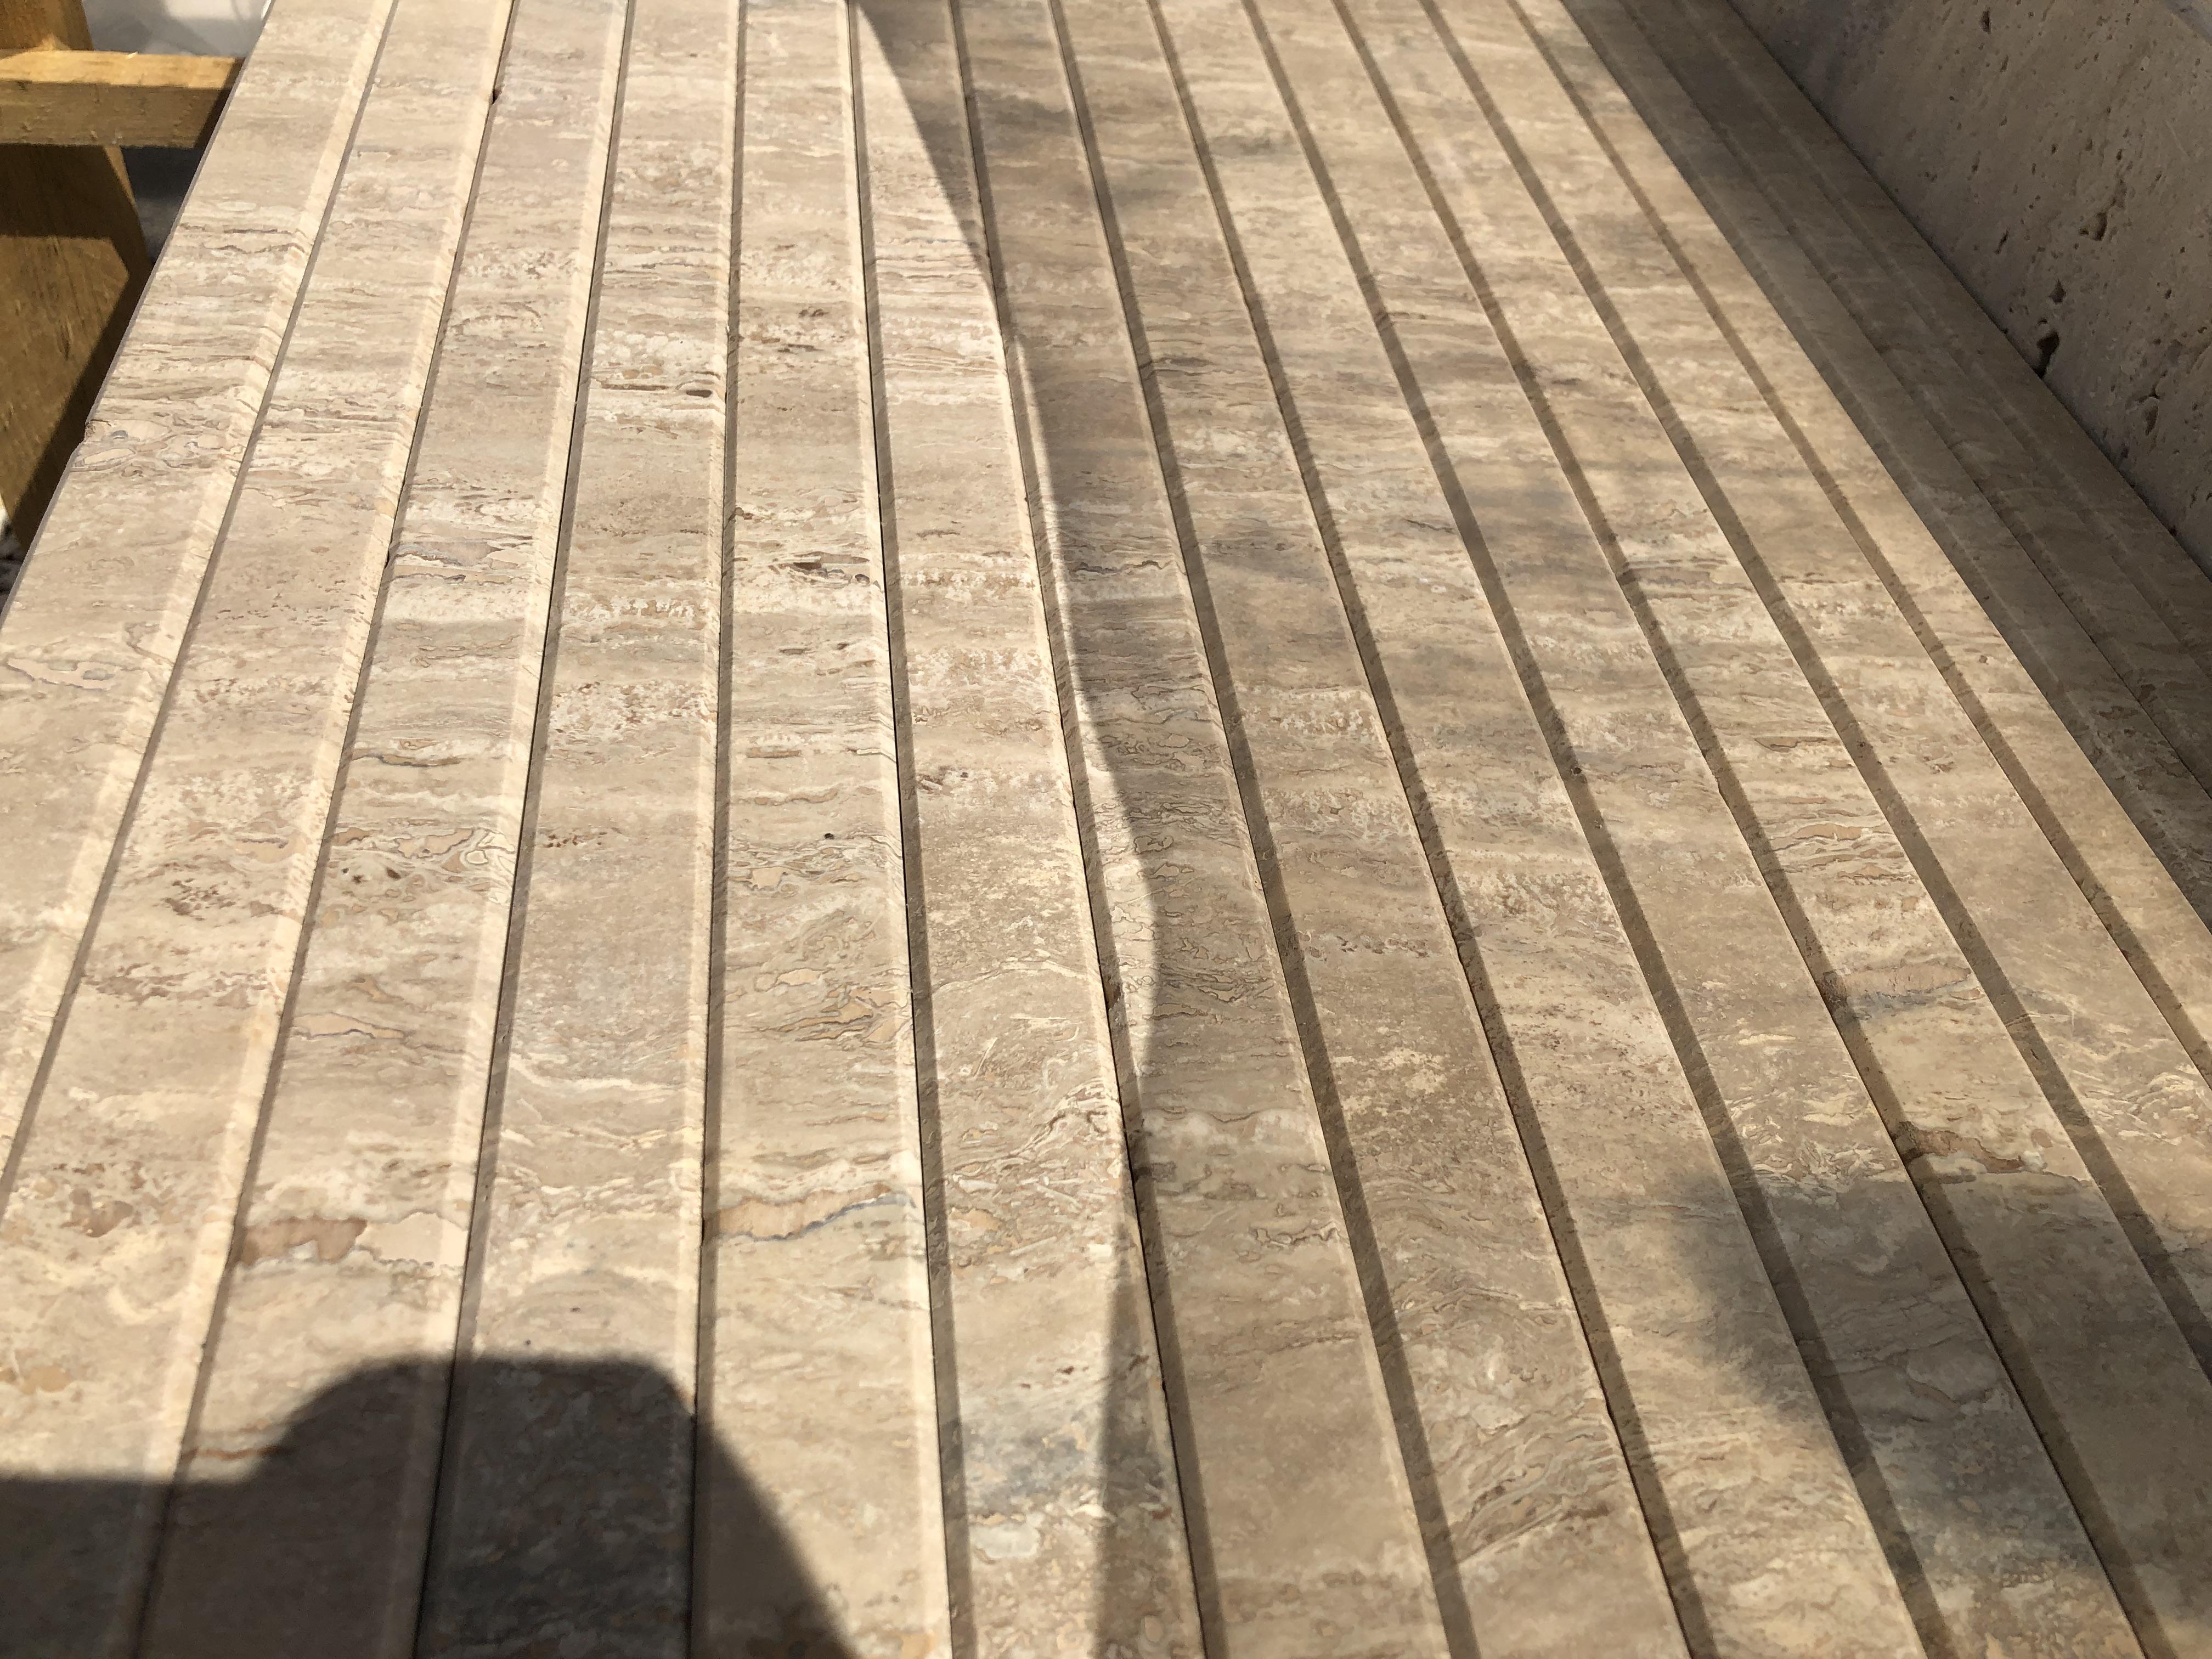 3cm vastagságú Travertin selyemfényű felülettel, oldal és élmegmunkálással, igény esetén vízorbevágással Méretre vágással Készleten!